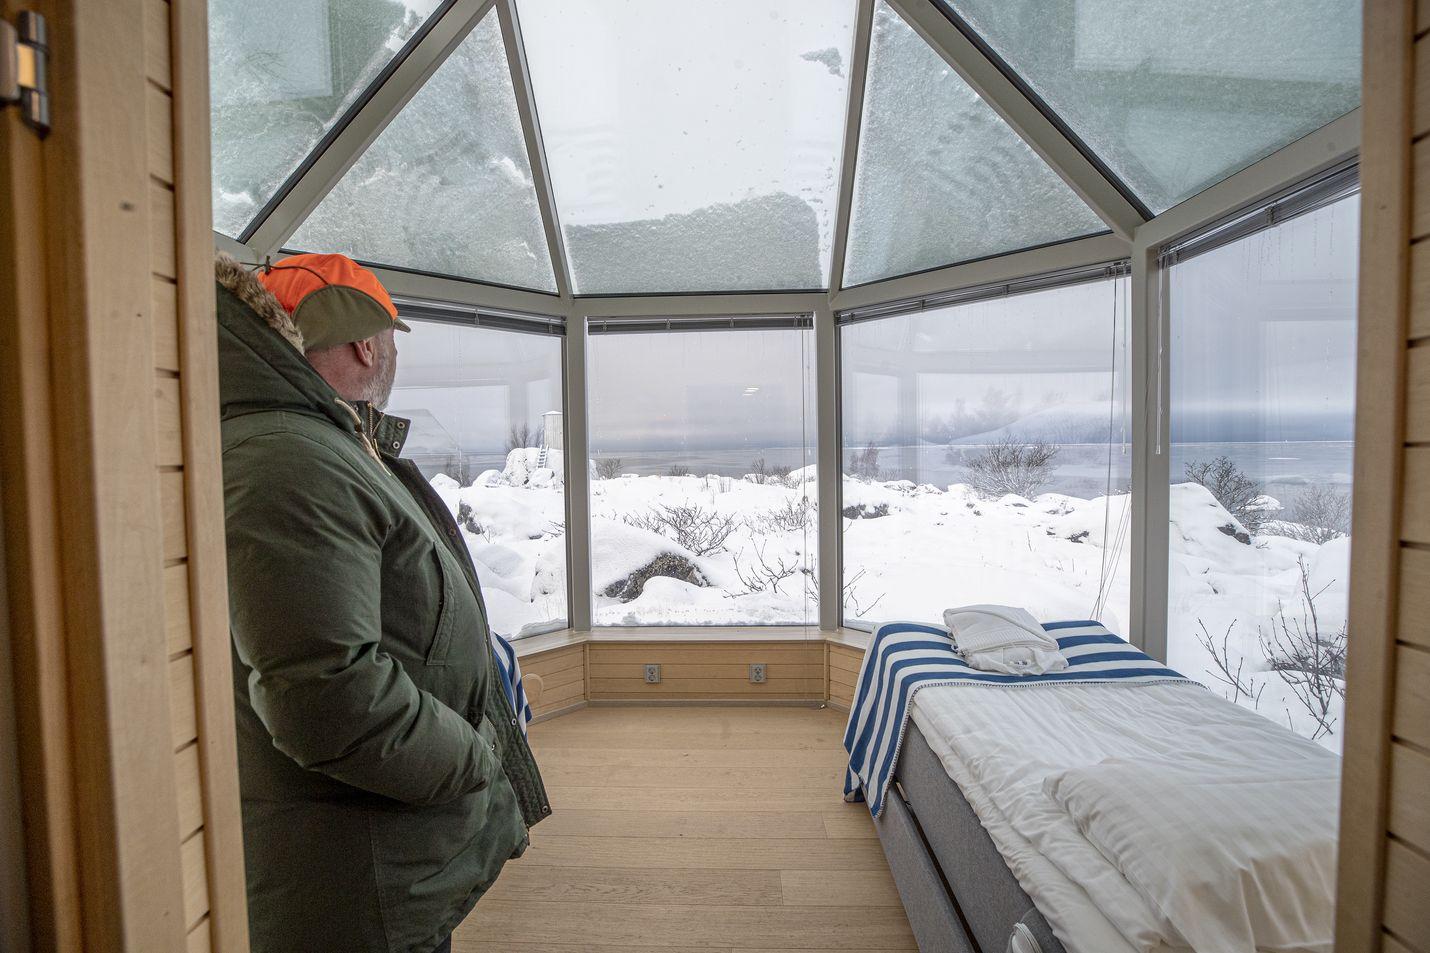 Lasitaloista avautuu näkymä Merenkurkun karuun luontoon. Vaikka mereltä tuulee jäätävästi, taloissa riittää lämpöä lattialämmityksen ja lämmitettävien lasien ansiosta.